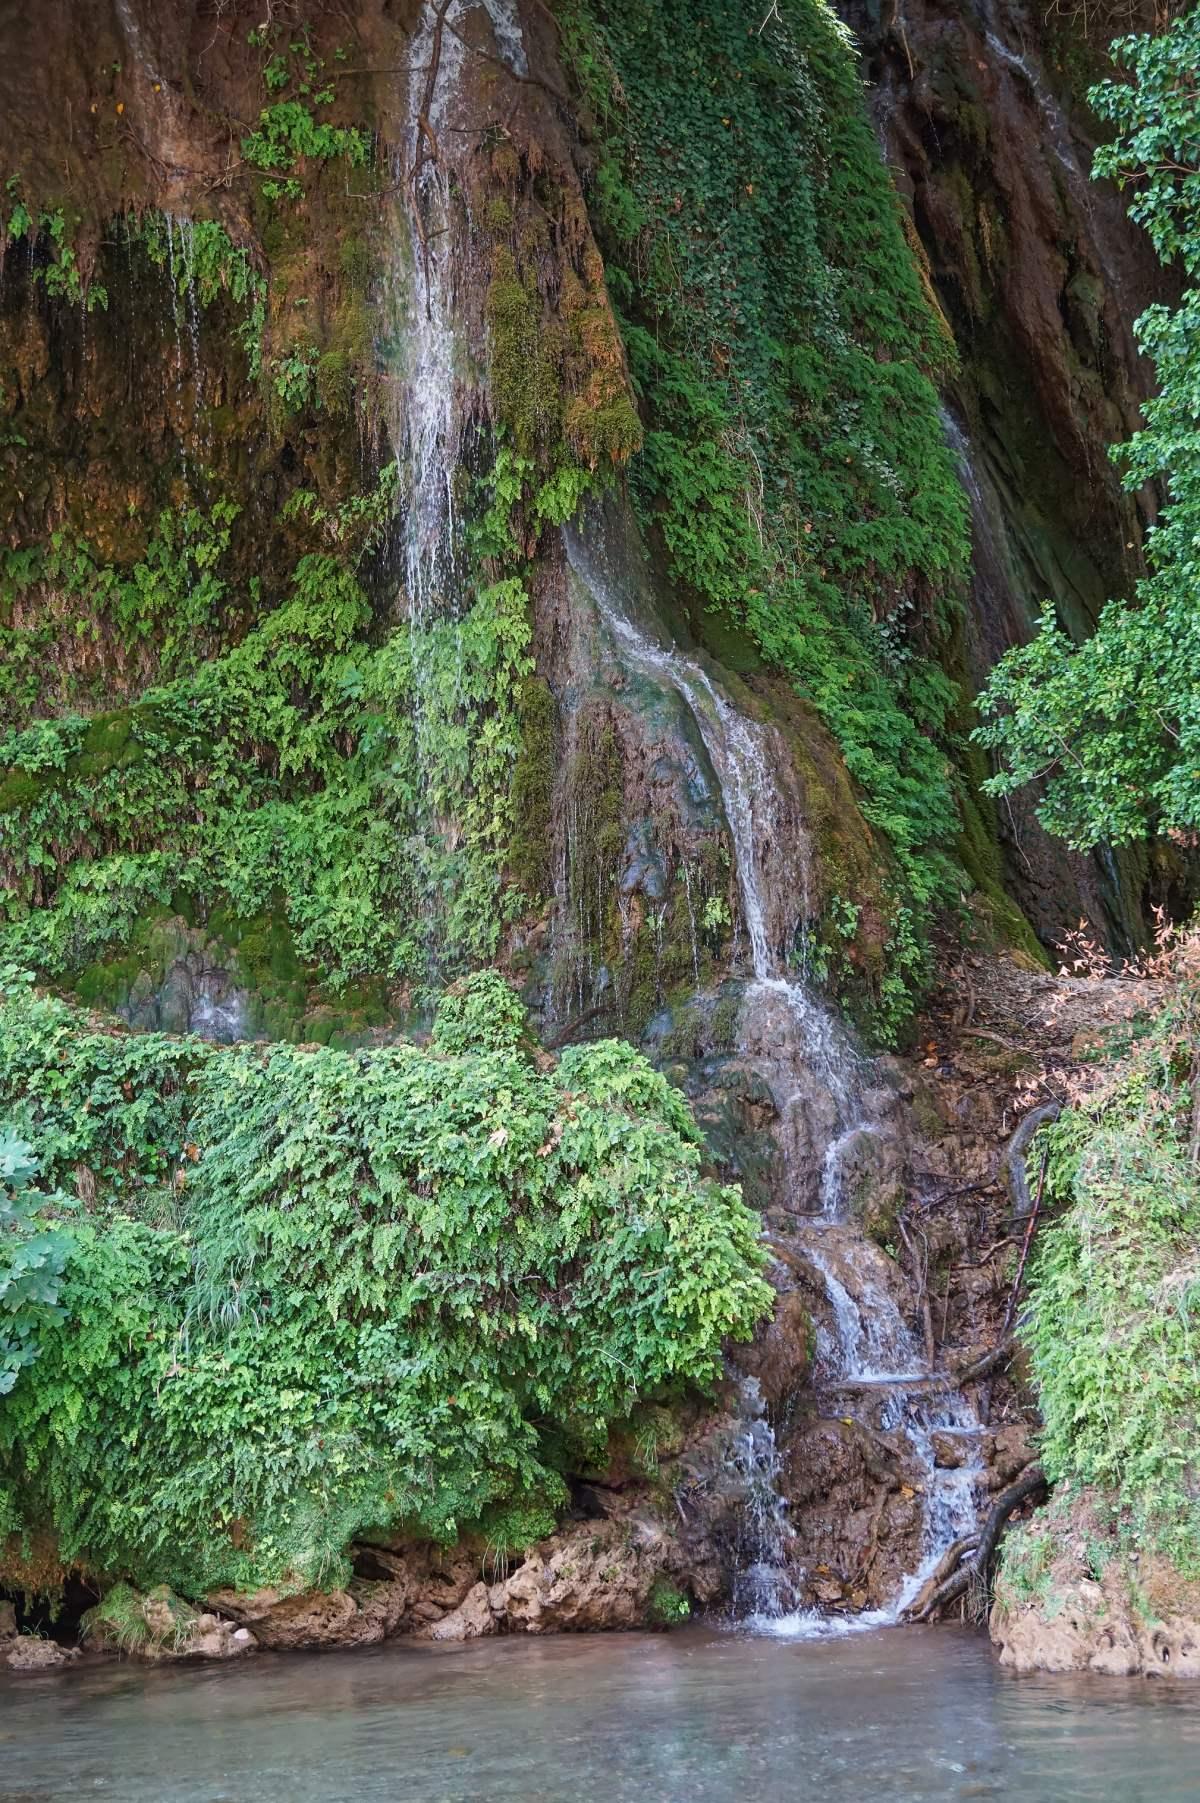 Καταρράκτες Νεμούτας, Ηλεία - Αρχαία Ολυμπία